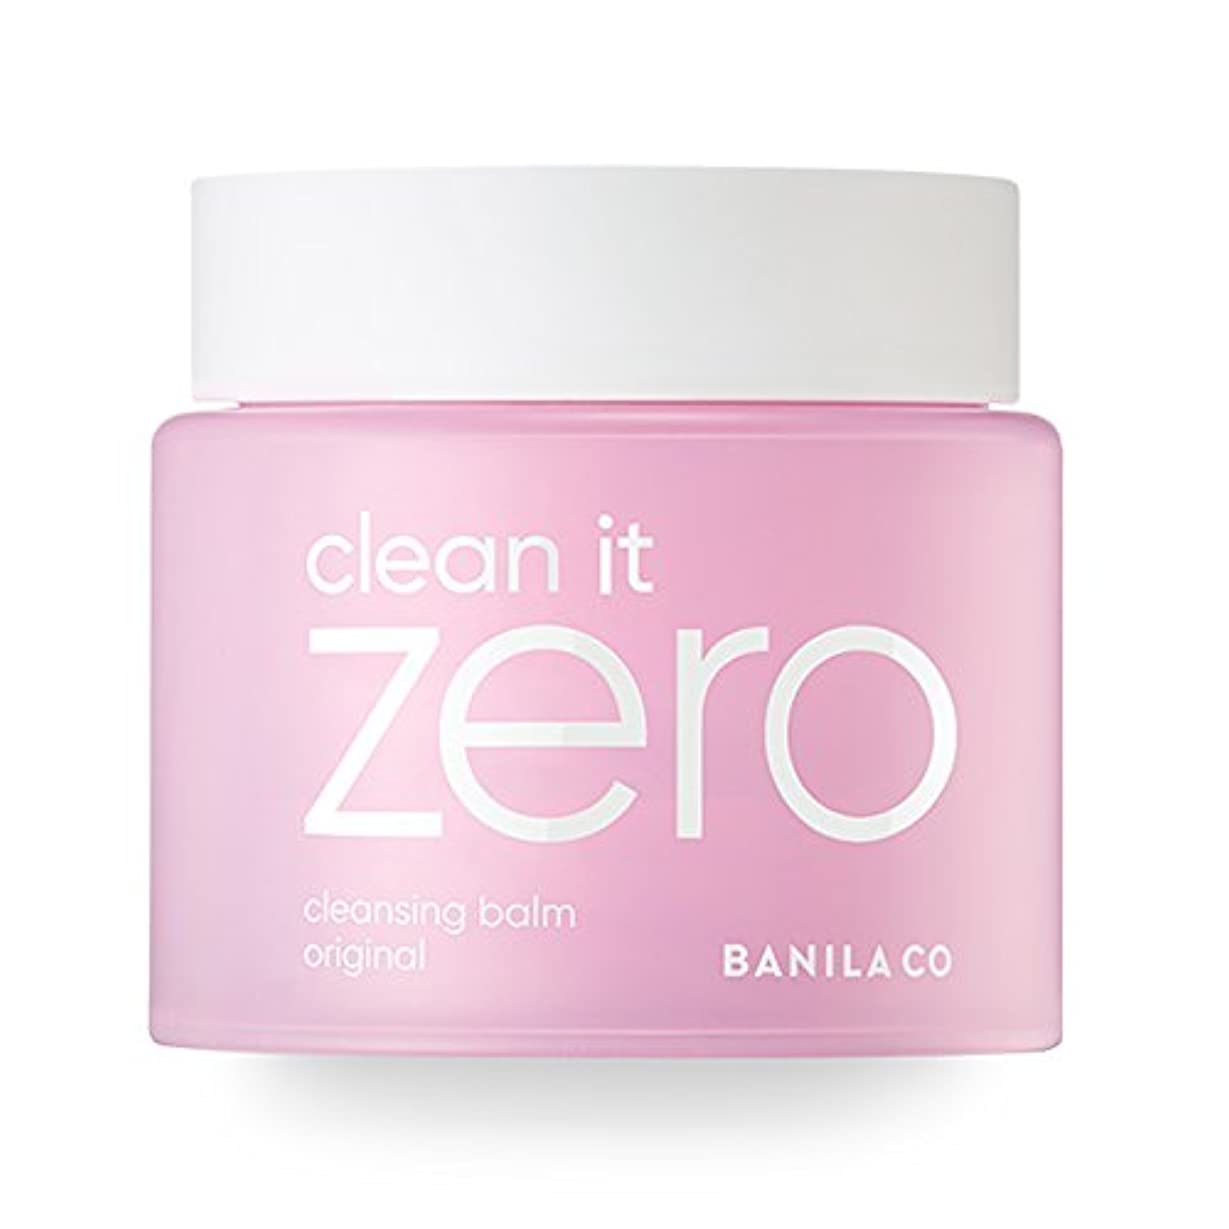 分数噴水許容できるBANILA CO(バニラコ)公式ストア  バニラコ クリーン イット ゼロ クレンジング バーム オリジナル / Clean It Zero Cleansing Balm Original 180ml [並行輸入品]